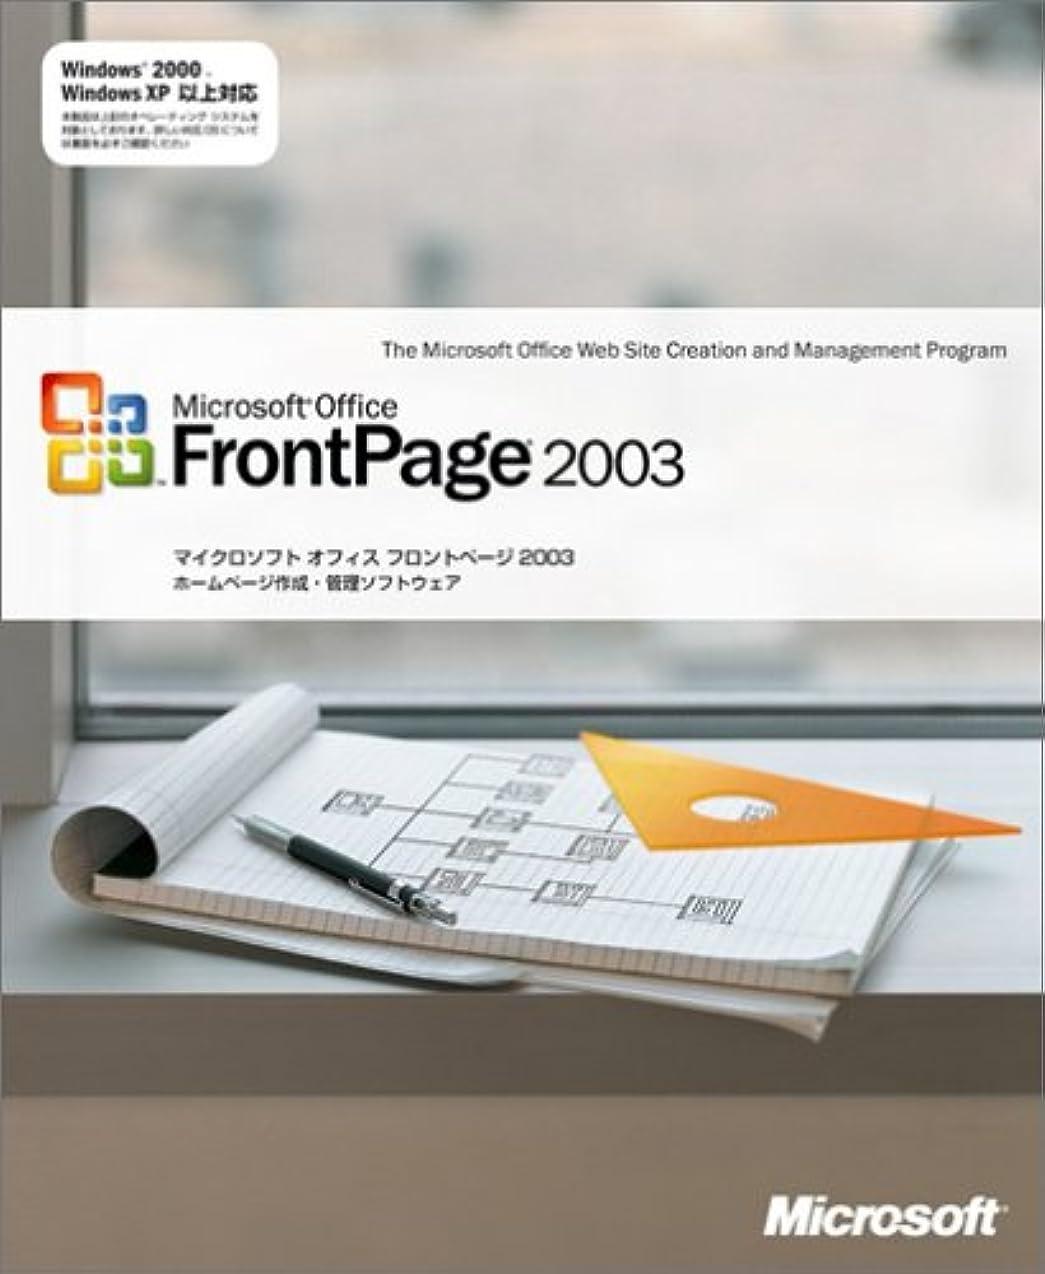 特異性帰るアパル【旧商品/サポート終了】Microsoft FrontPage 2003